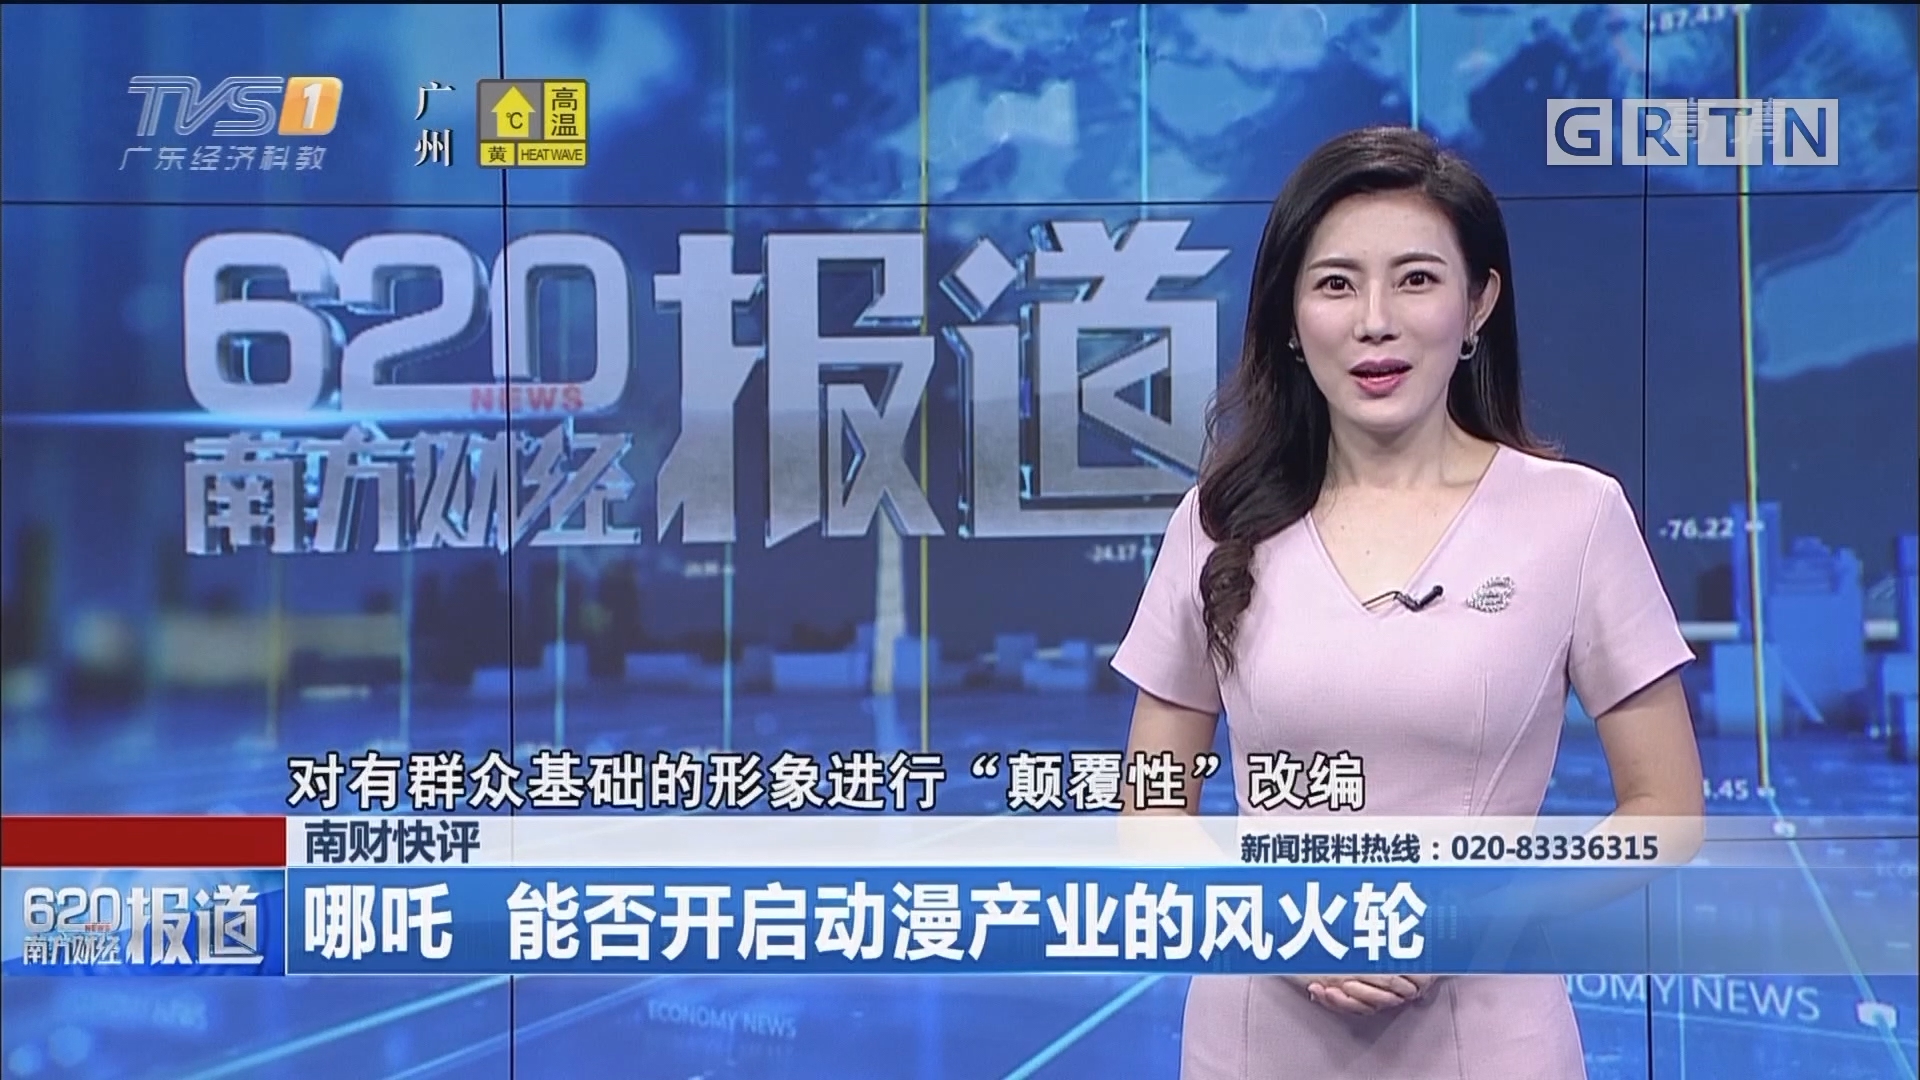 南财快评:哪吒 能否开启动漫产业的风火轮